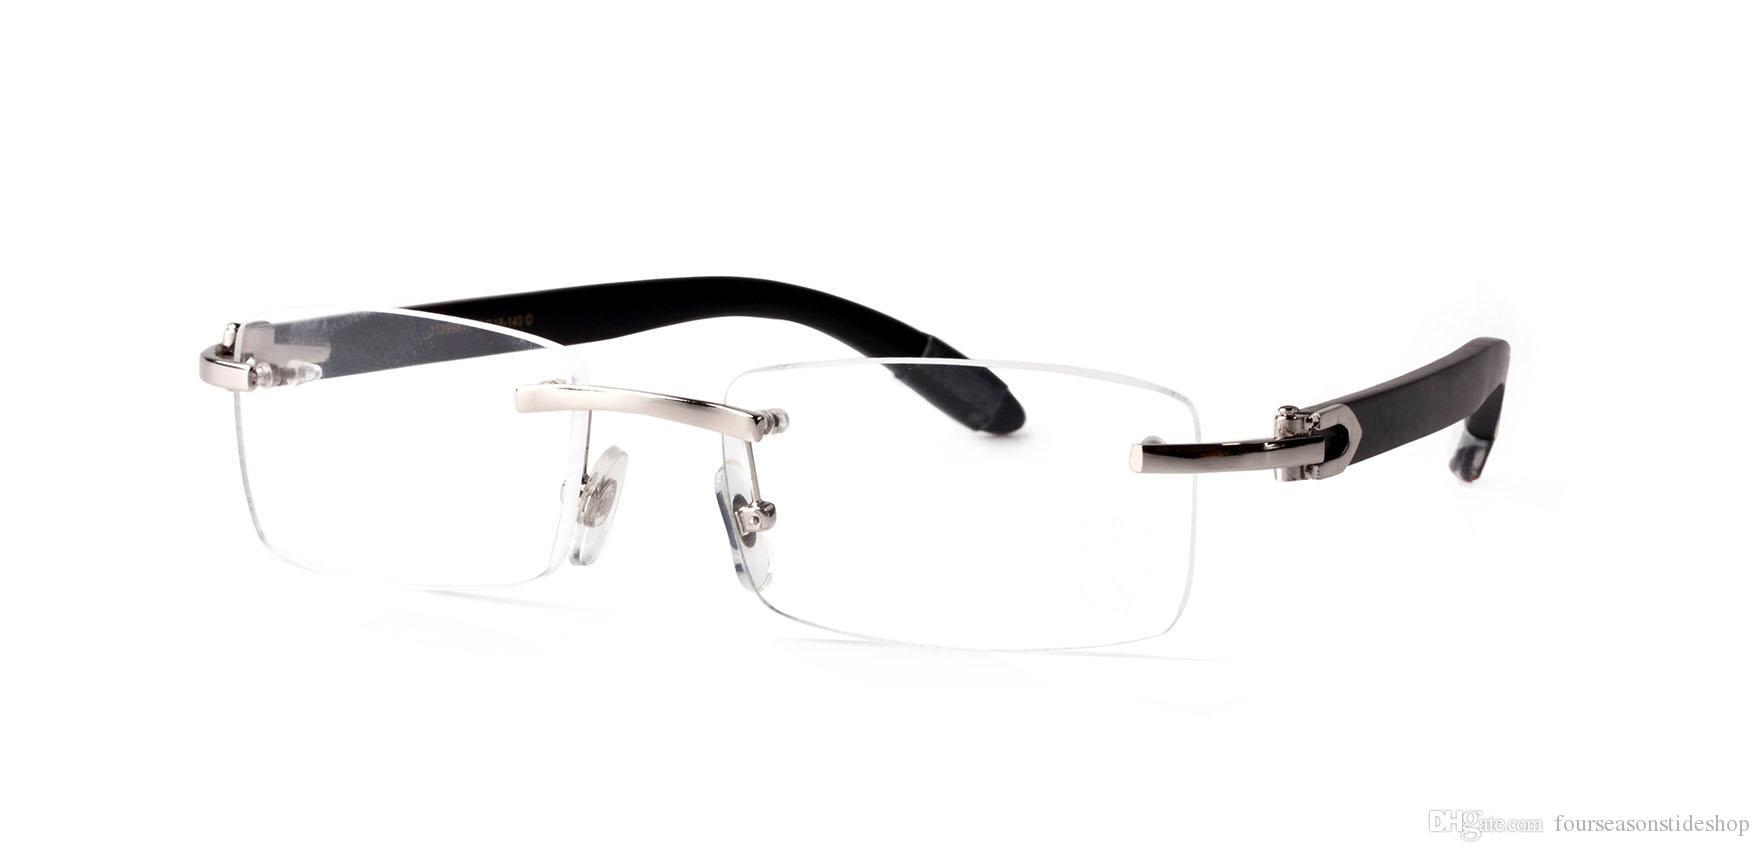 2020 الأزياء ونظارات شمسية الرجل قرن الجاموس نظارات شمسية الخشب الرجعية للمرأة أسود اللون البني العدسات واضحة اللون بدون شفة النظارات القيادة